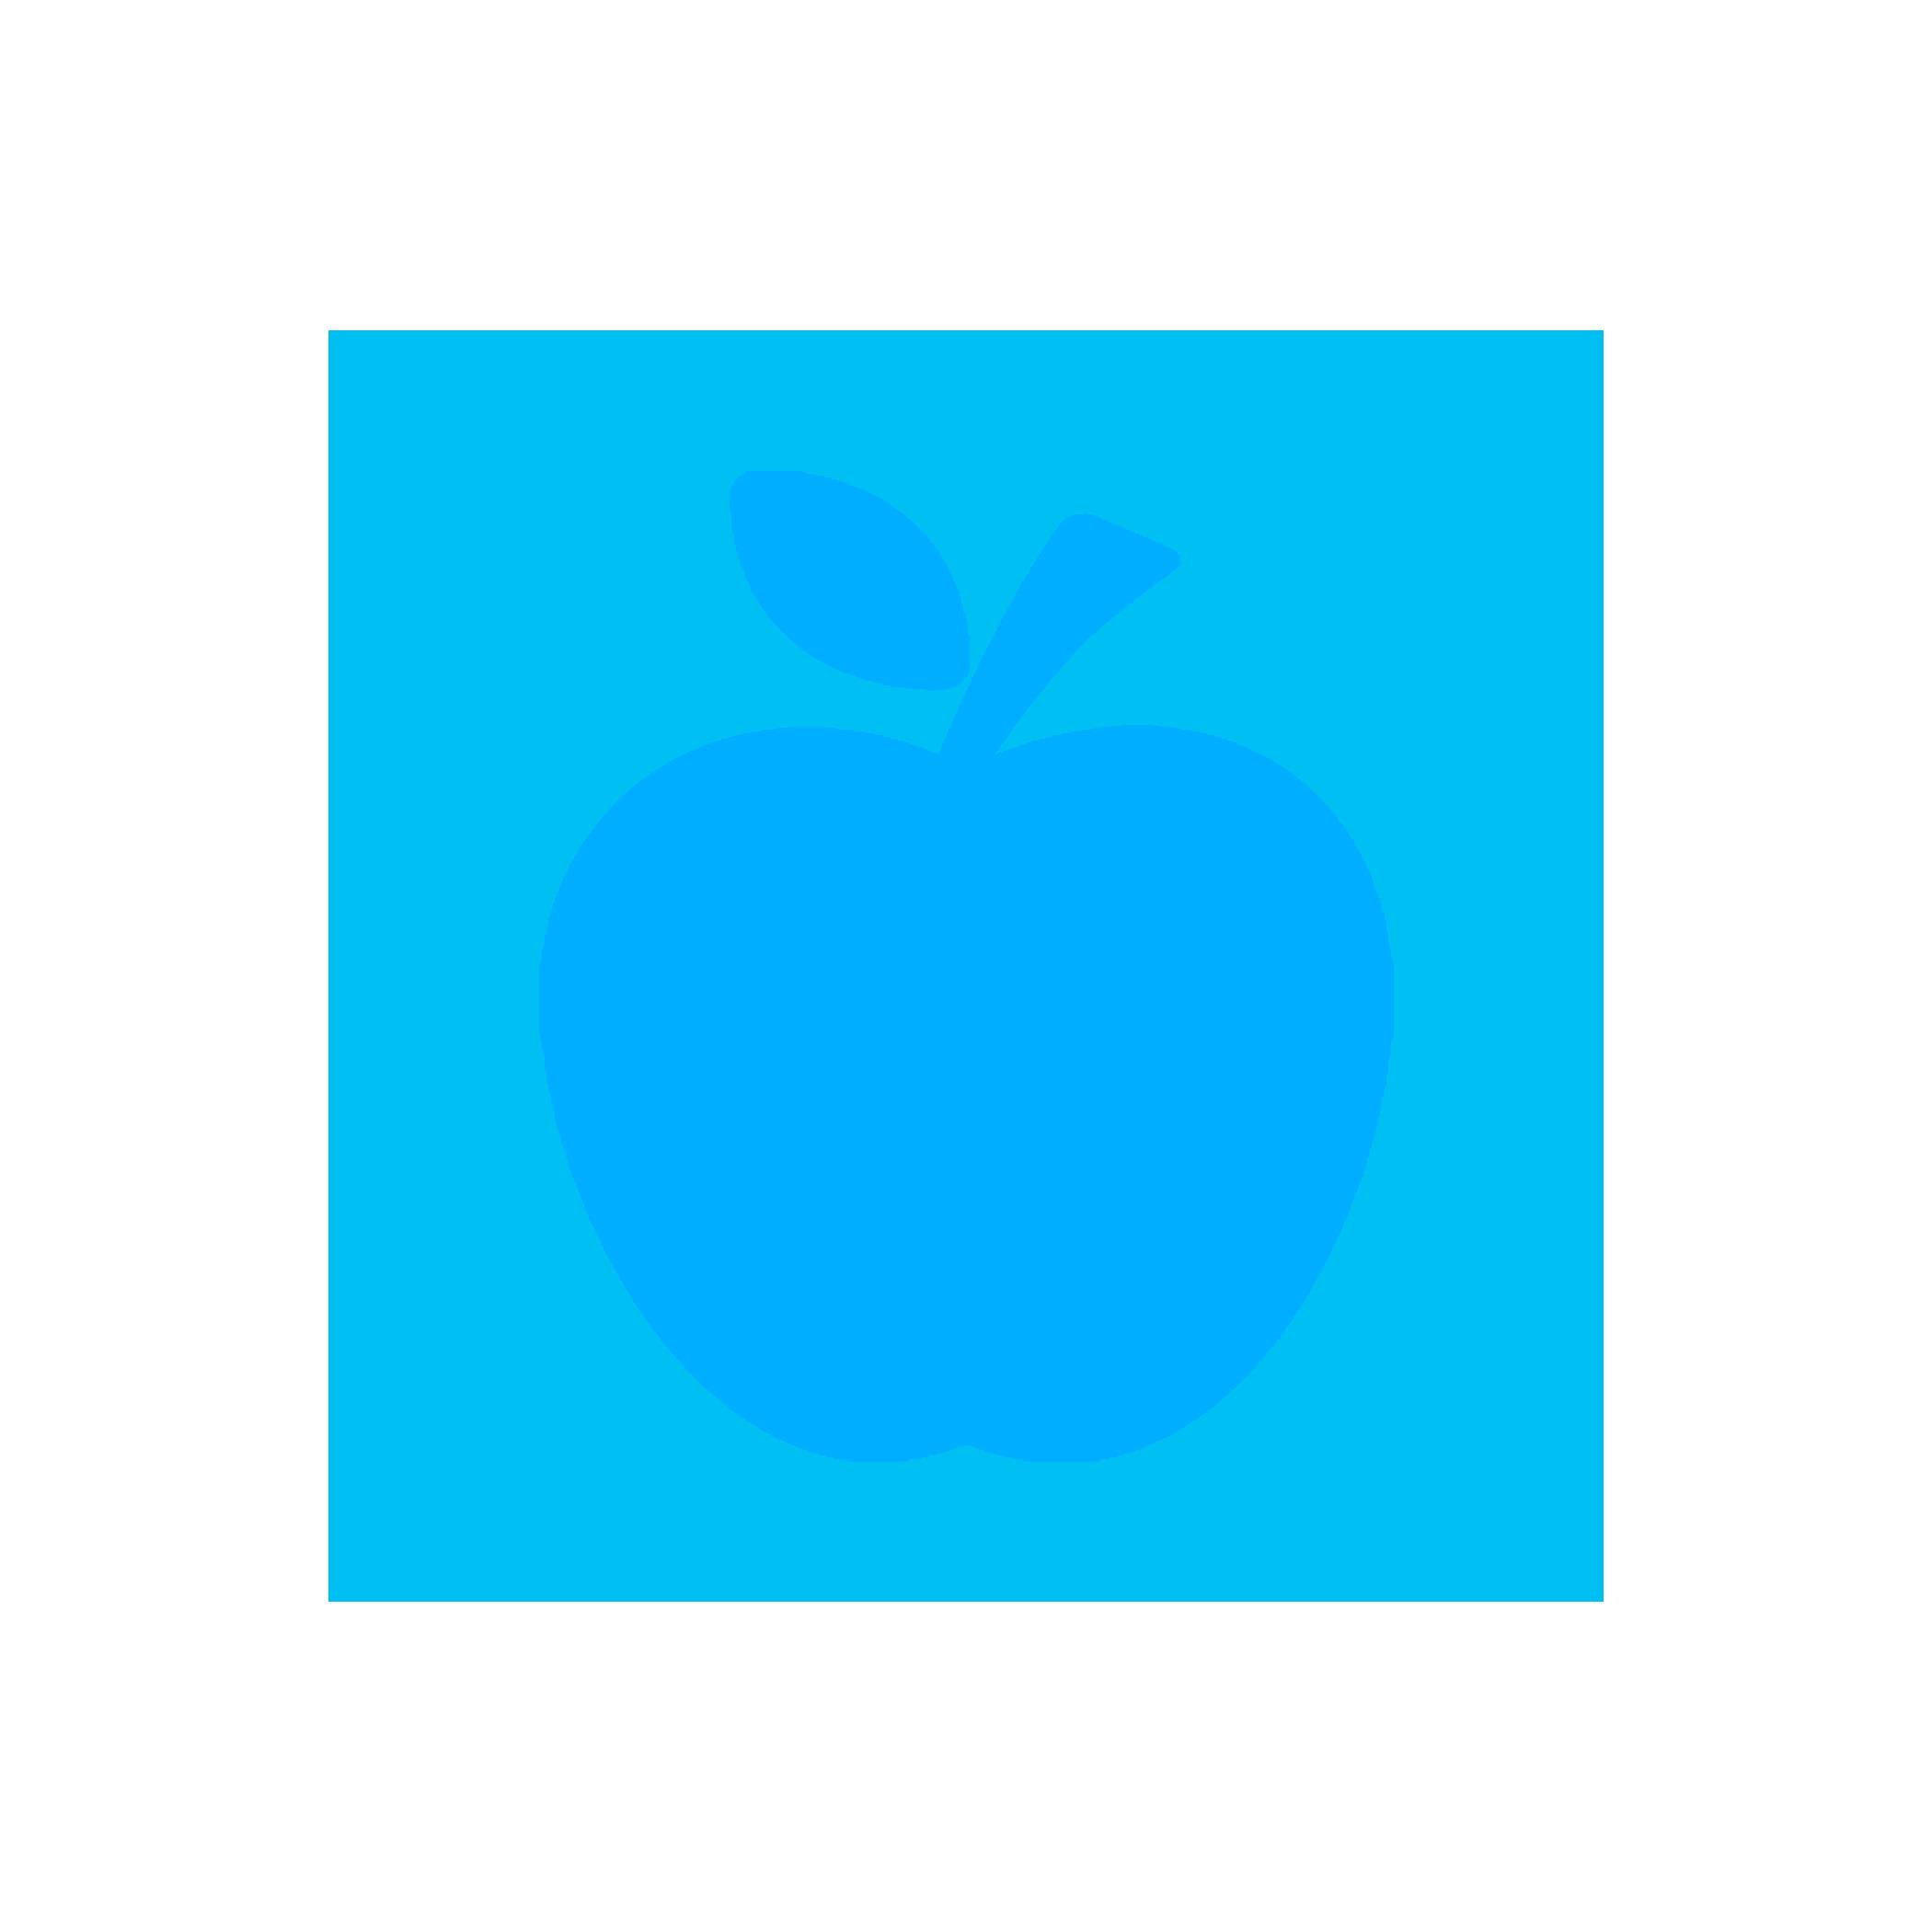 معرفی وبلاگ سیب آبی (blue-apple.blog.ir)